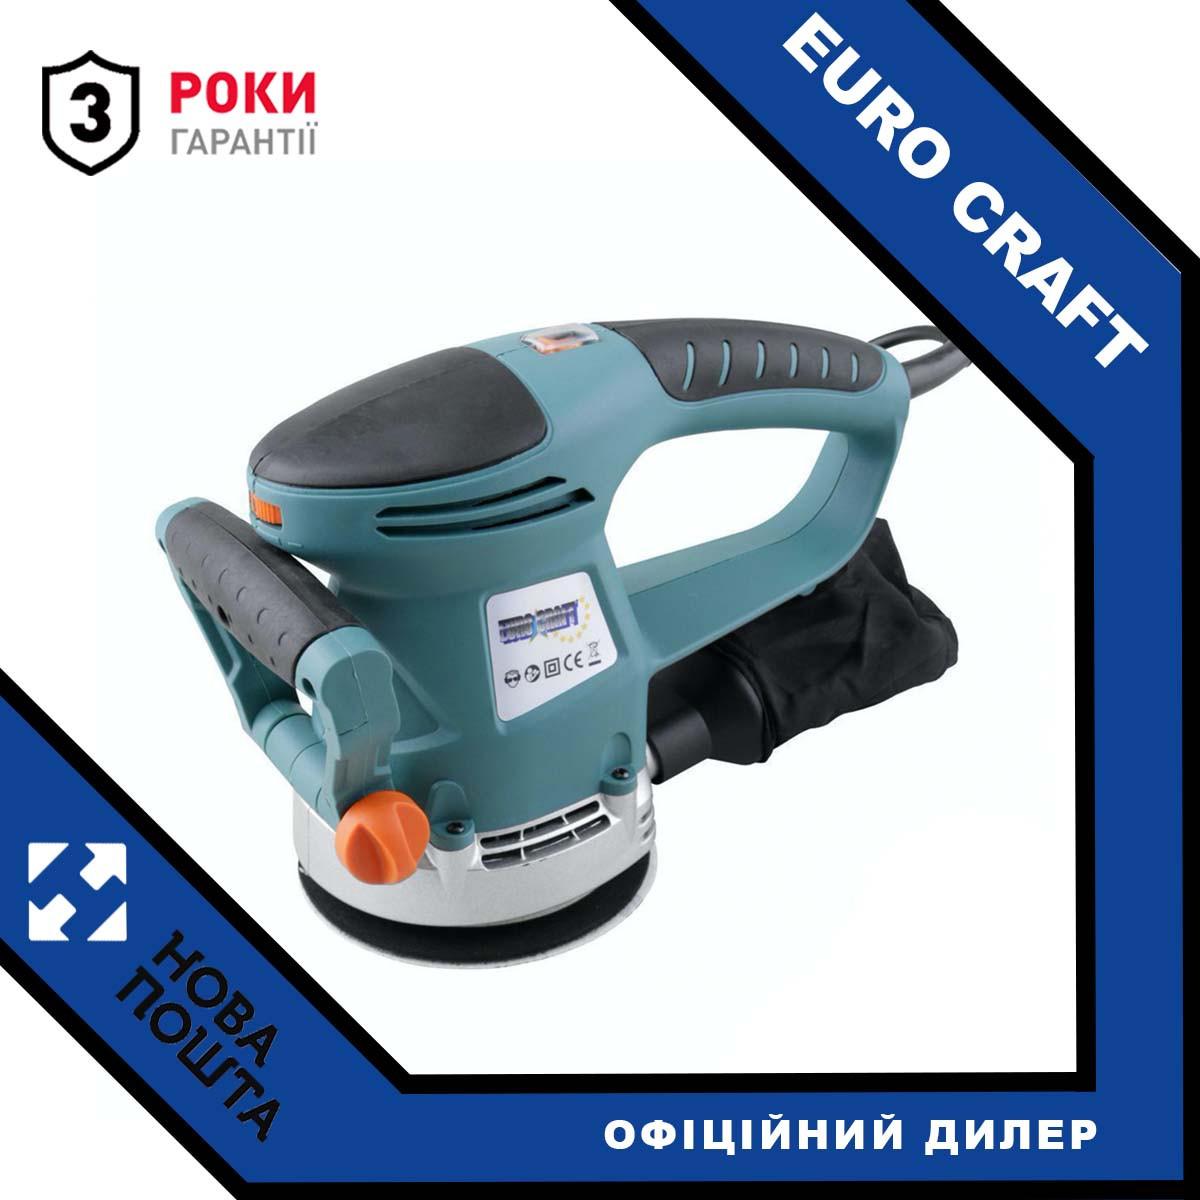 Вібраційна шліфмашина Euro Craft RS 204